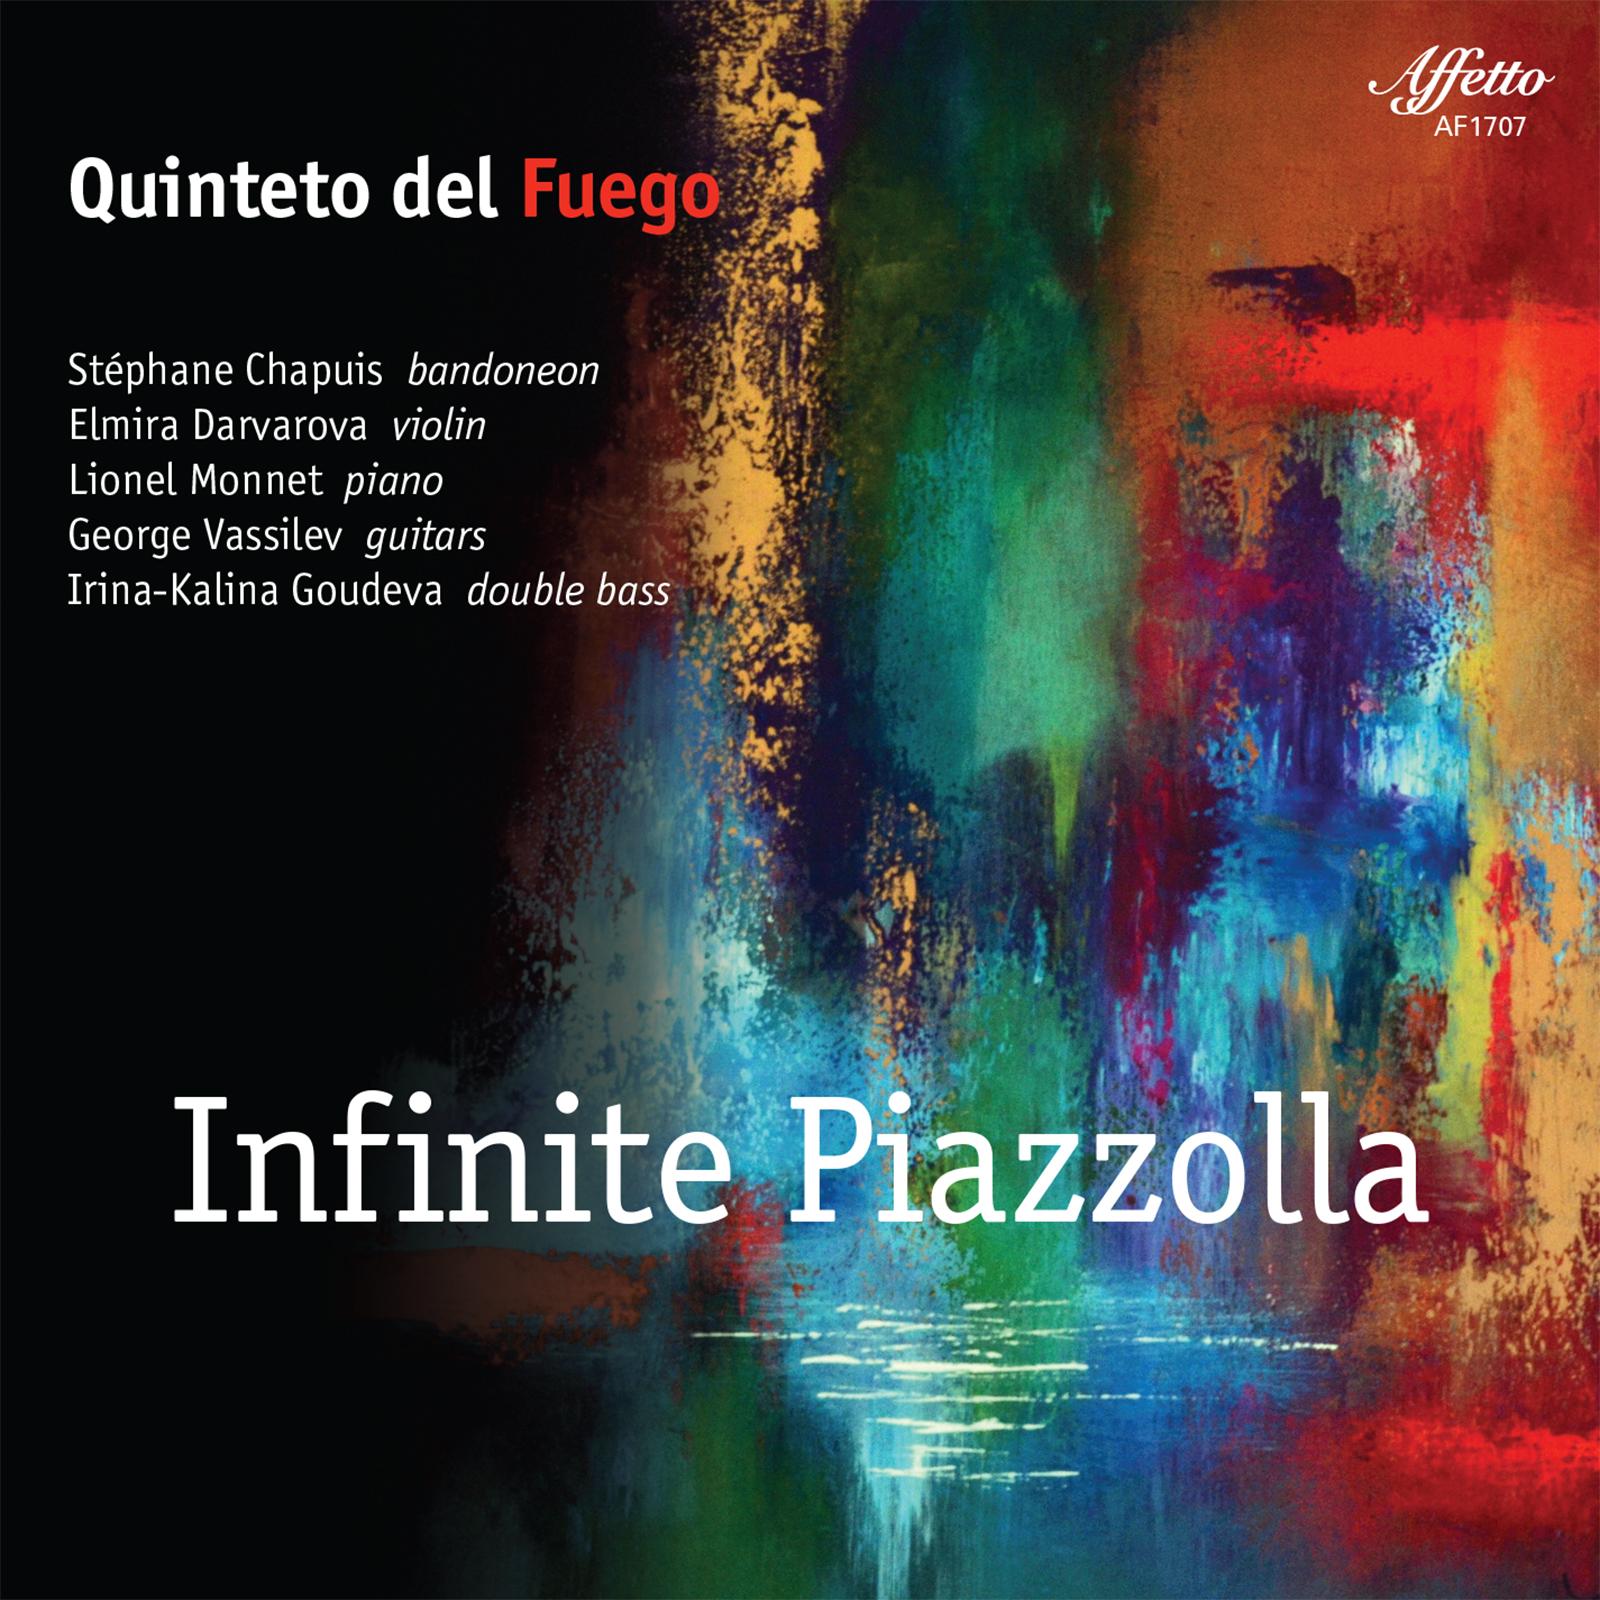 Infinite Piazzolla by Quinteto del Fuego